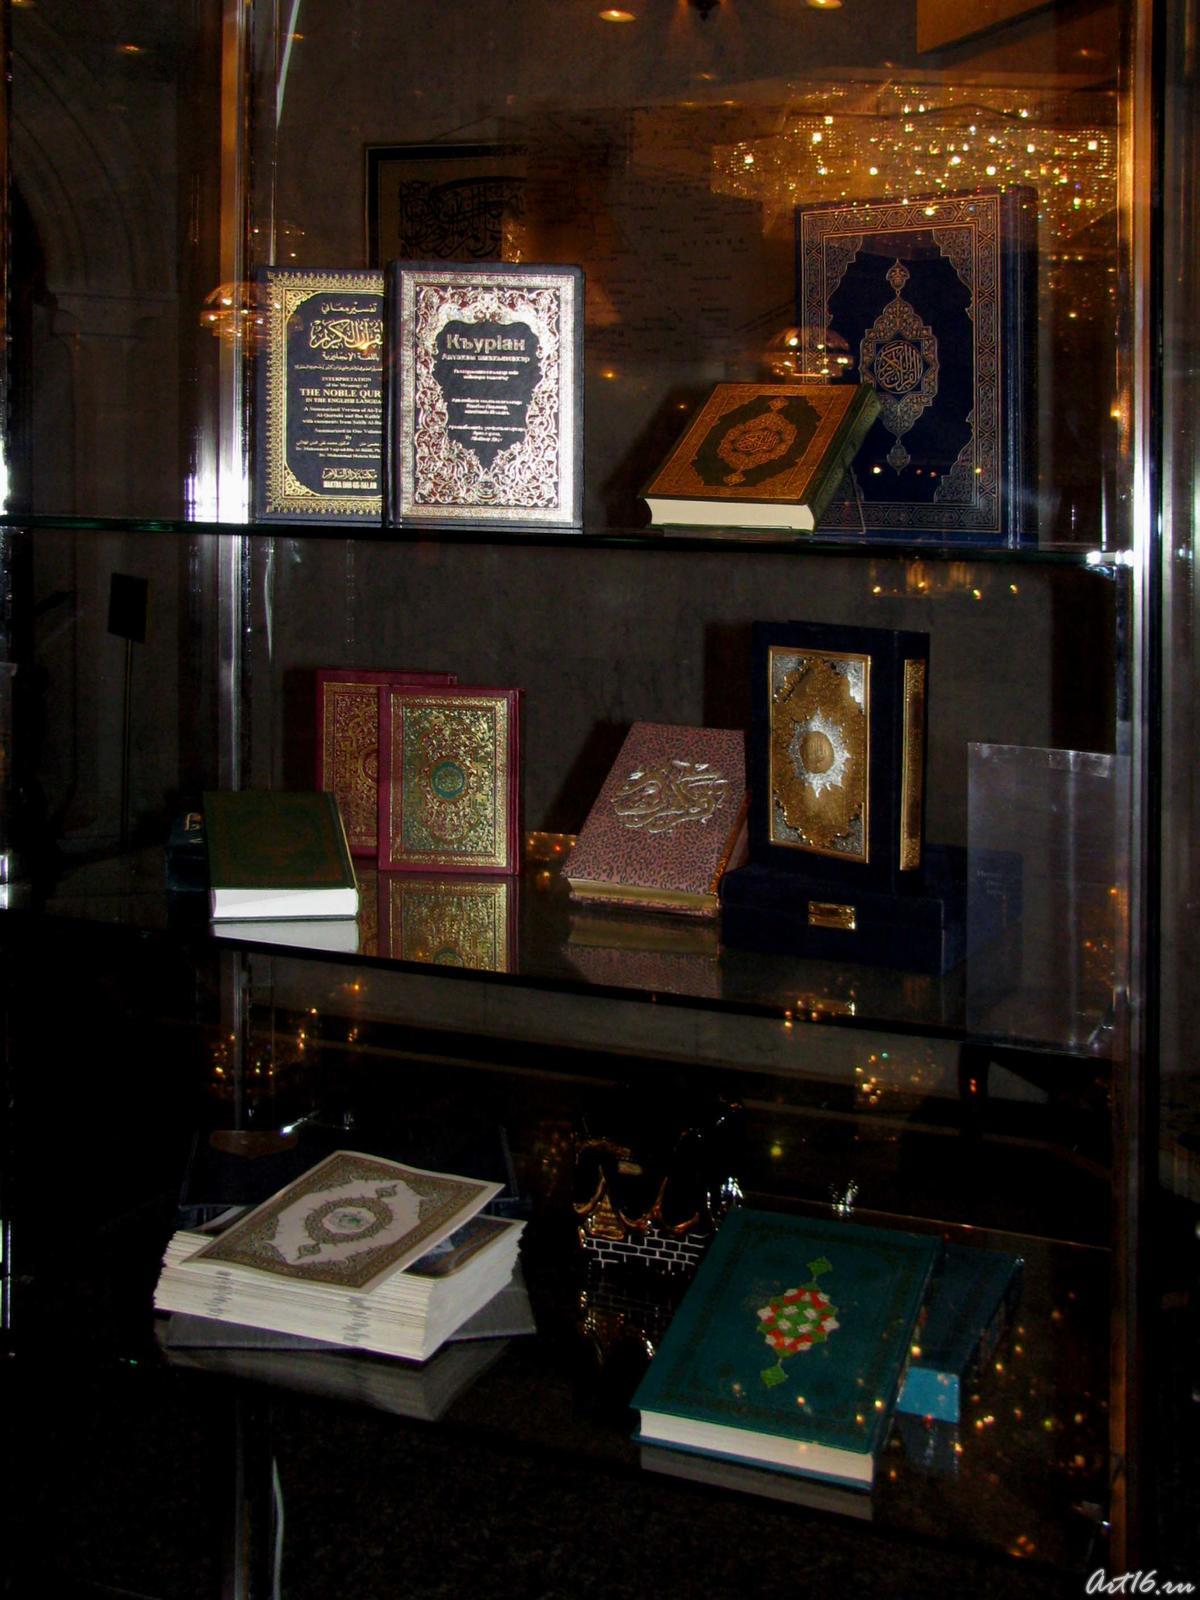 Фото №21828. Кораны, изданные в Северной Африке и Саудовской Аравии